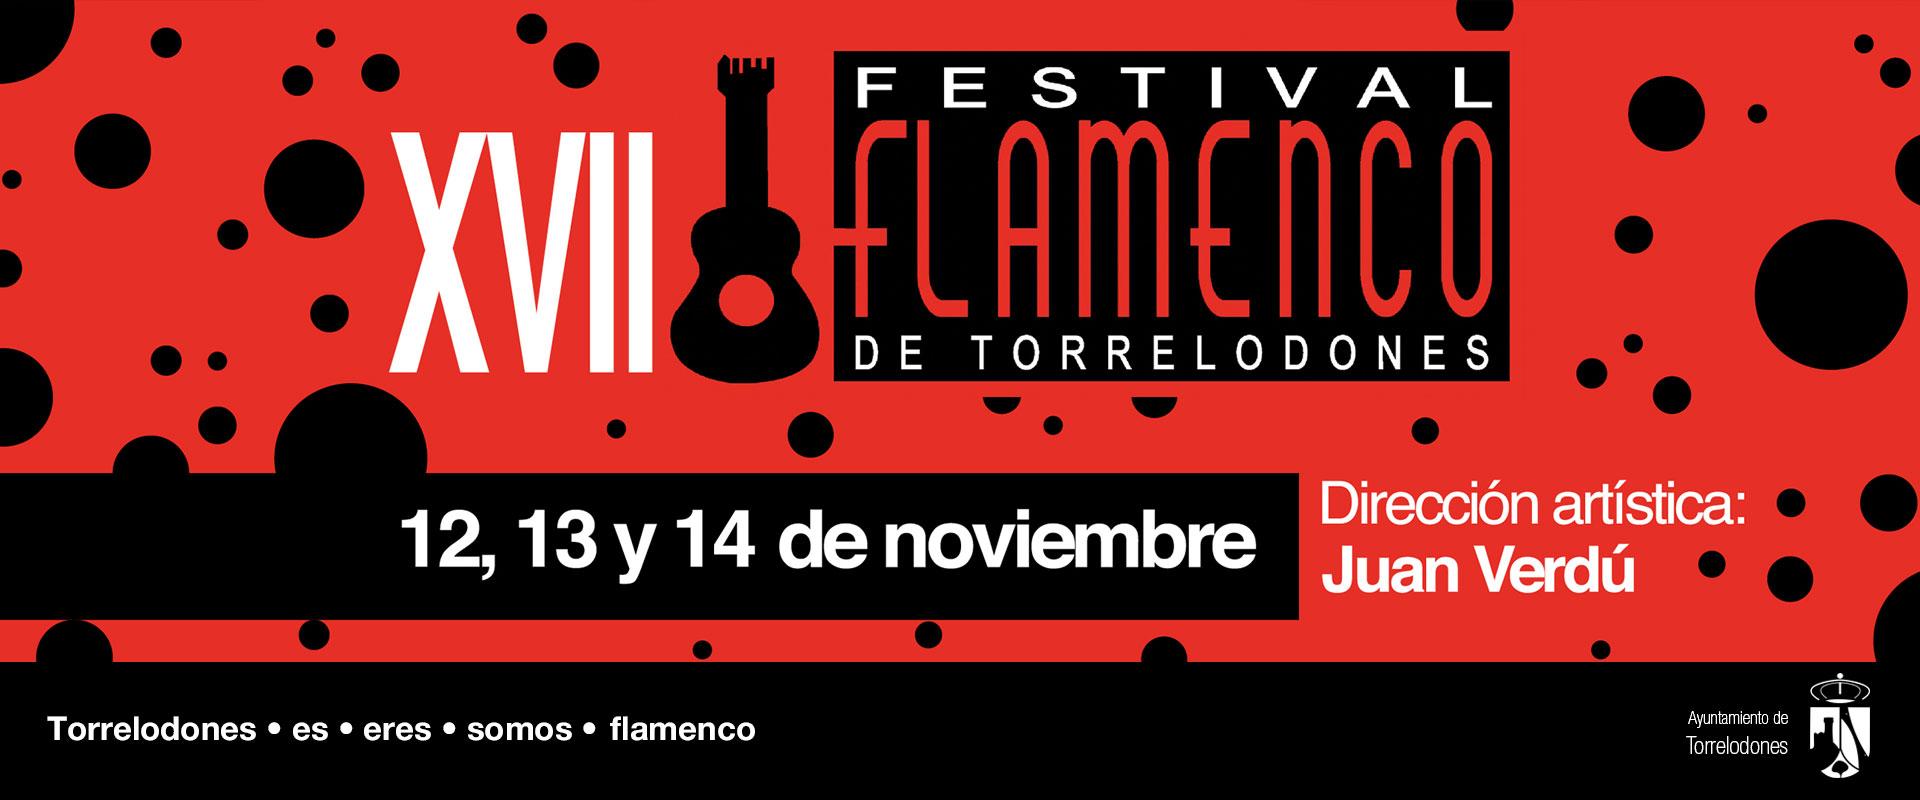 slide-flamenco